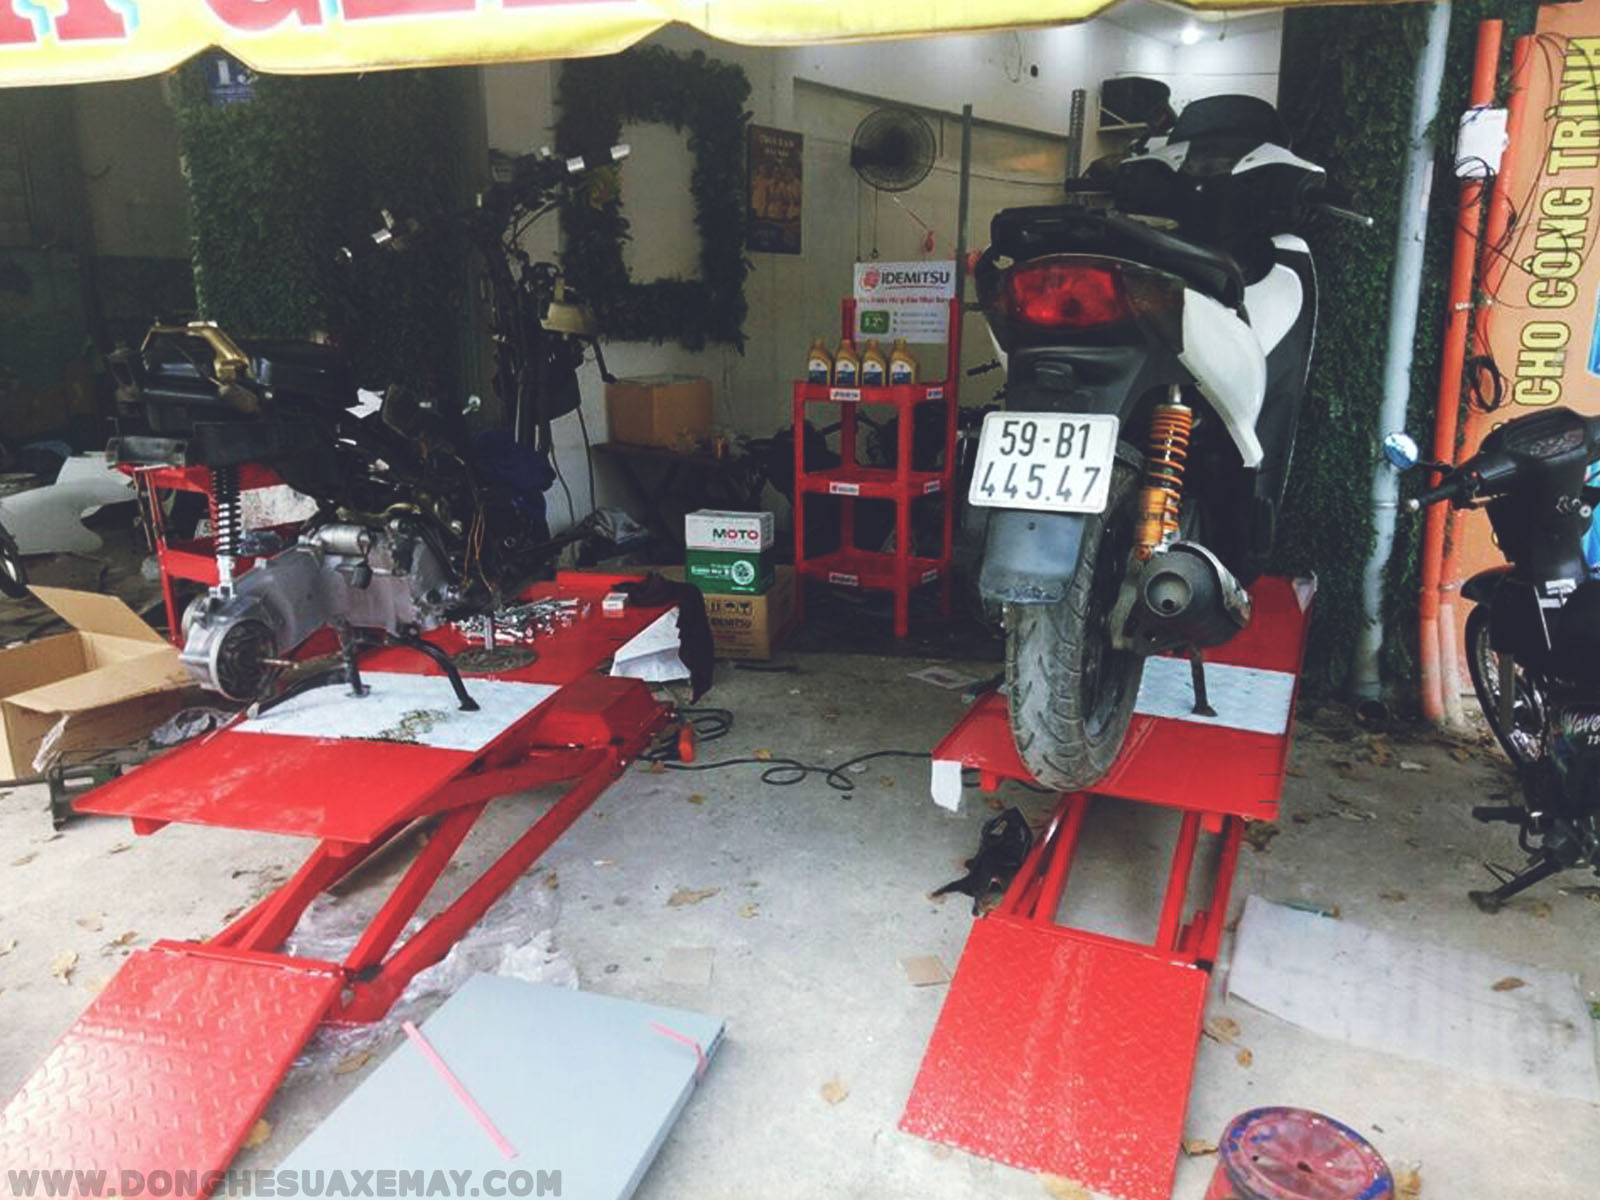 giá bán bàn nâng xe máy, bàn nâng xe máy, bàn nâng sửa chữa xe máy, bàn nâng đỡ xe máy, bàn nâng xe máy giá rẻ, bàn nâng xe máy đạp chân, bàn nâng xe máy bằng điện, bàn nâng sửa chữa xe máy giá rẻ